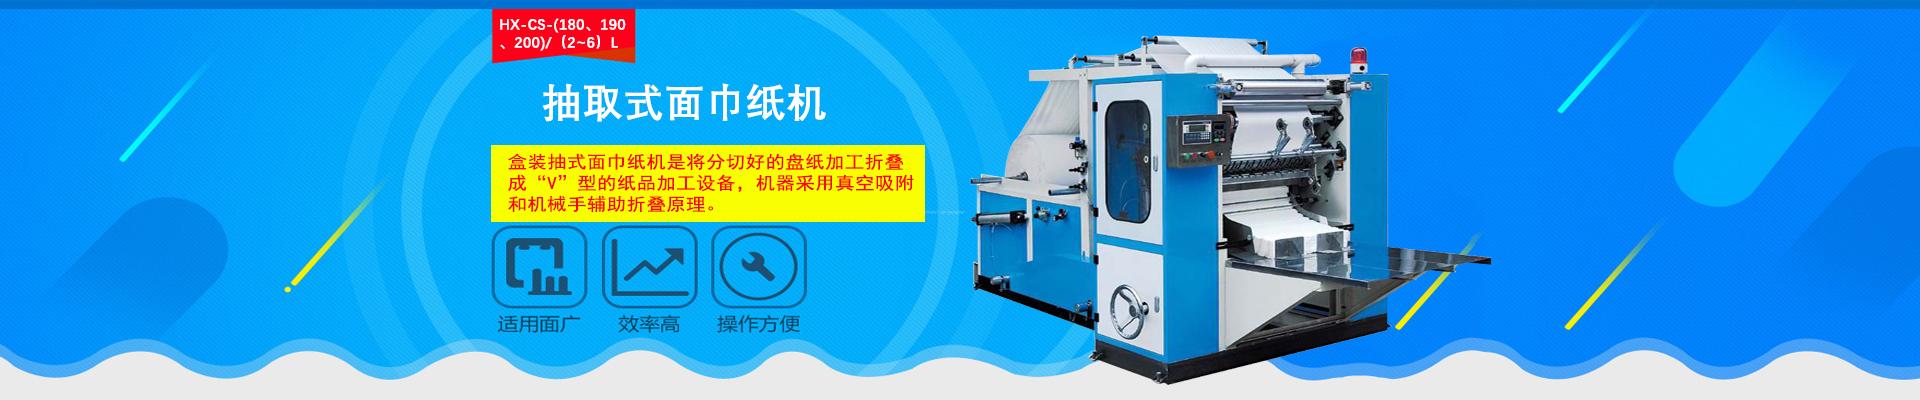 泉州恒新纸品机械制造有限公司